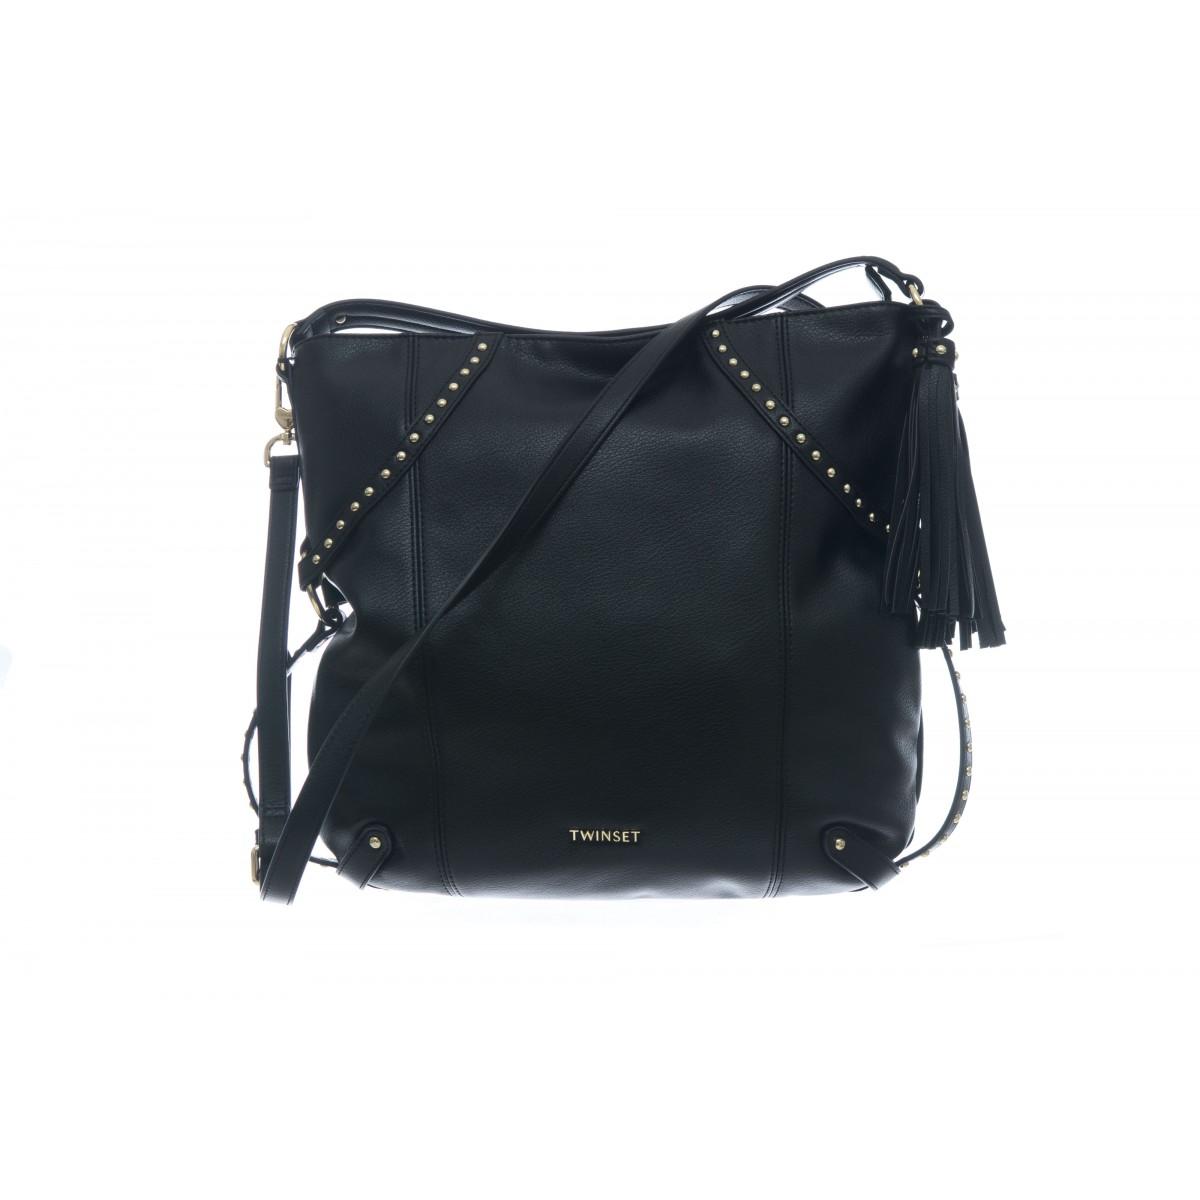 Borsa - To8161 borsa eco pelle borchie